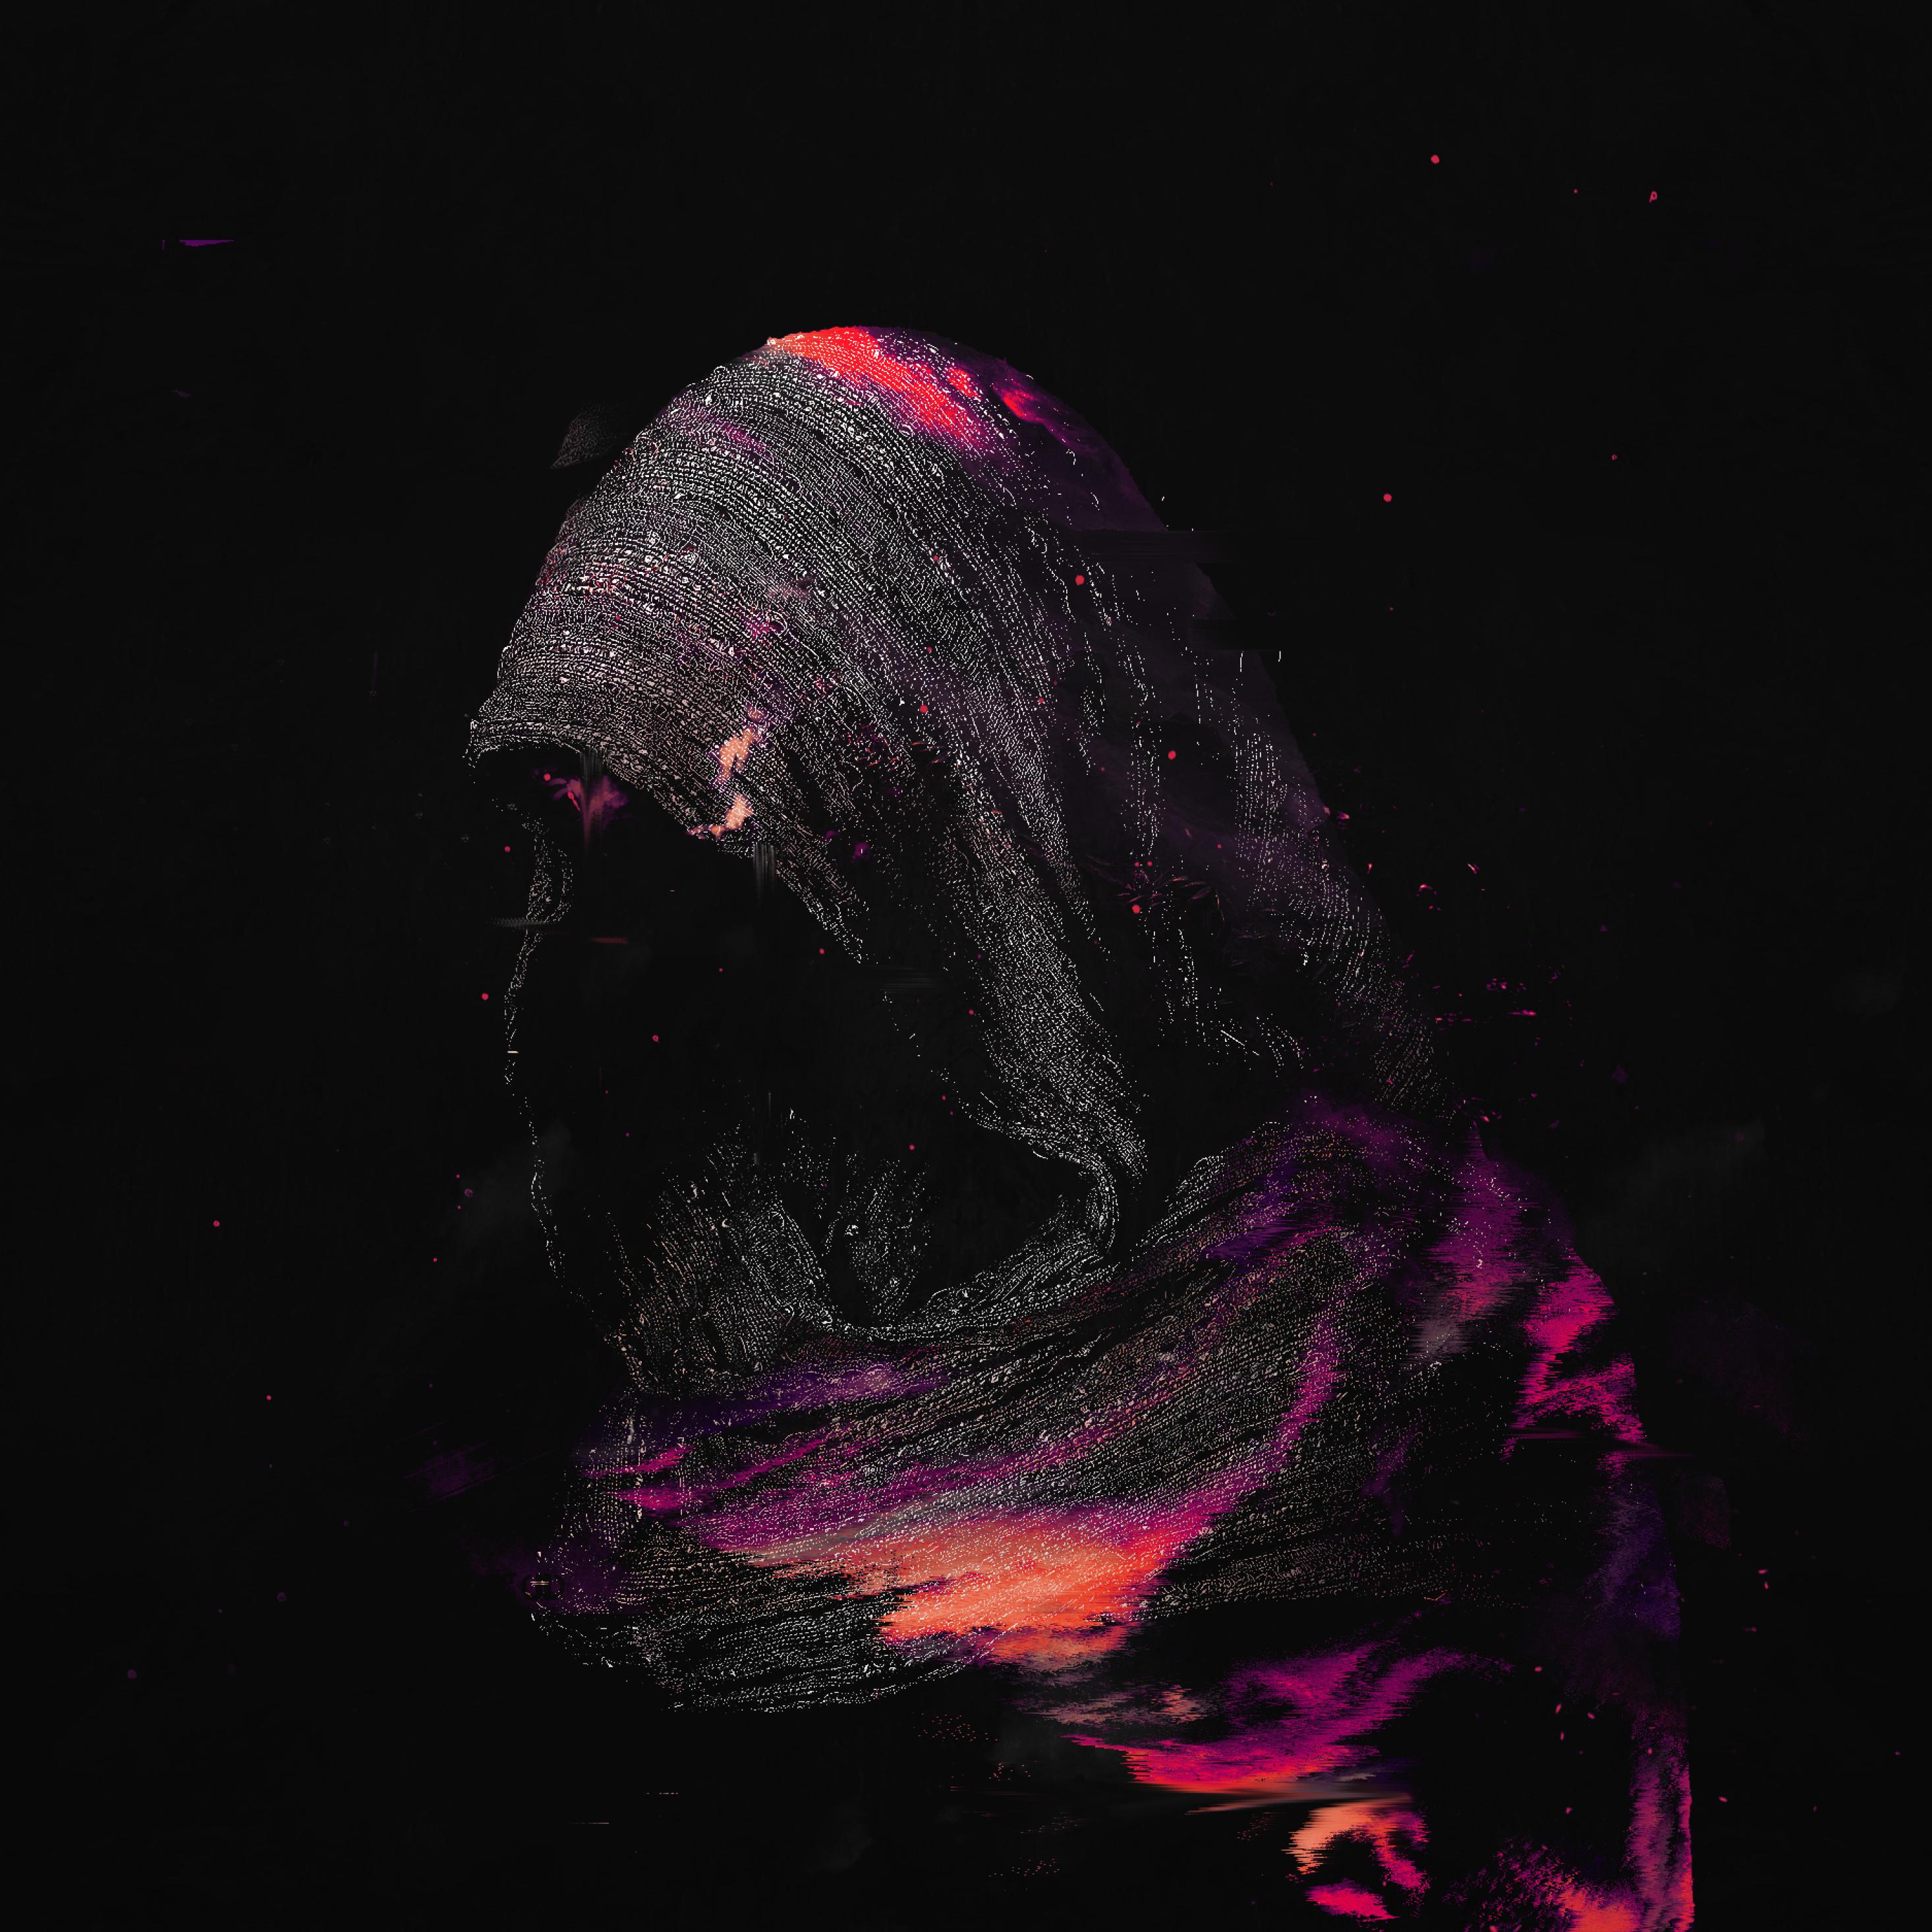 Dark Shadow In Bloomy Night Art, HD 4K Wallpaper